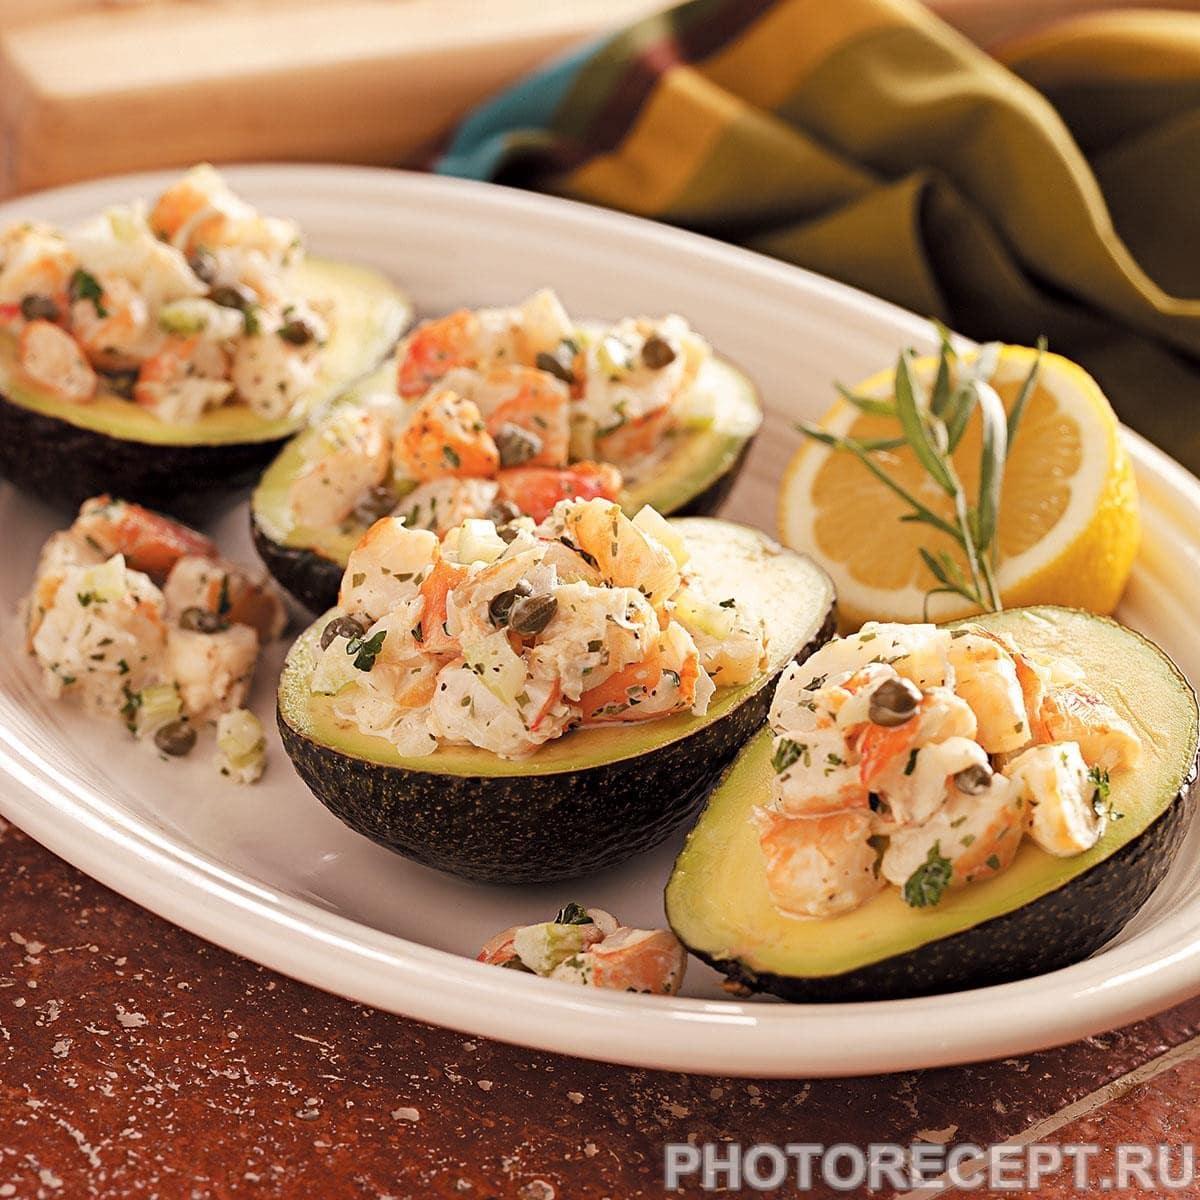 Салат из авокадо с креветками и сельдереем